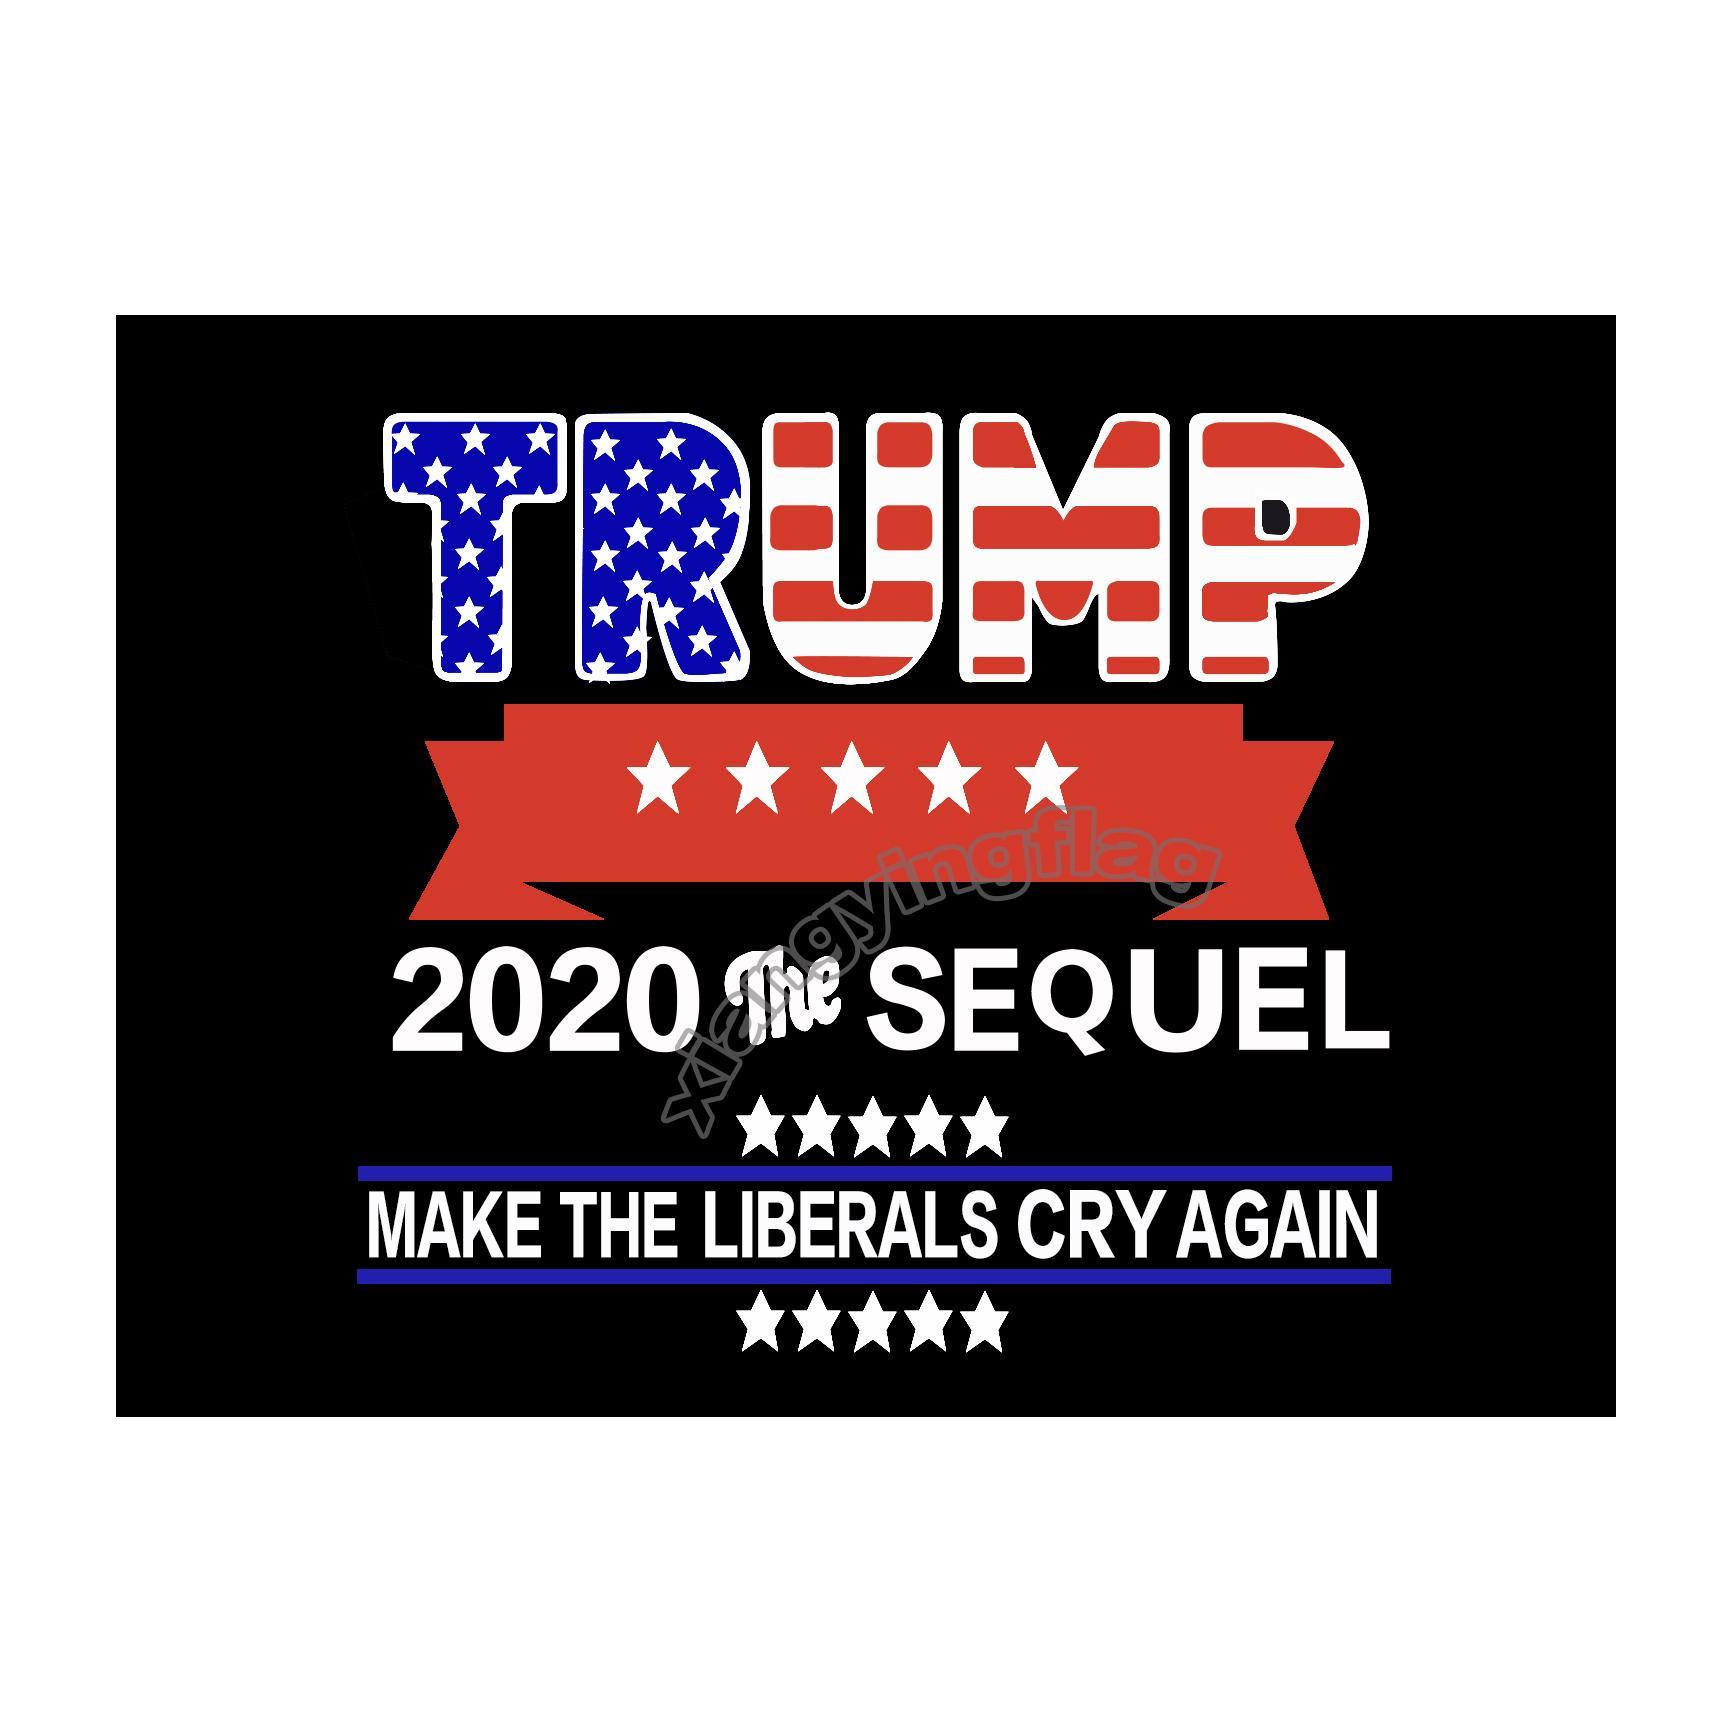 freies Verschiffen Großhandelsfabrikpreis 100% Polyester 90 * 150cm 3x5 fts Trump 2020 Flag Banner Dekoration Innen- oder Außen